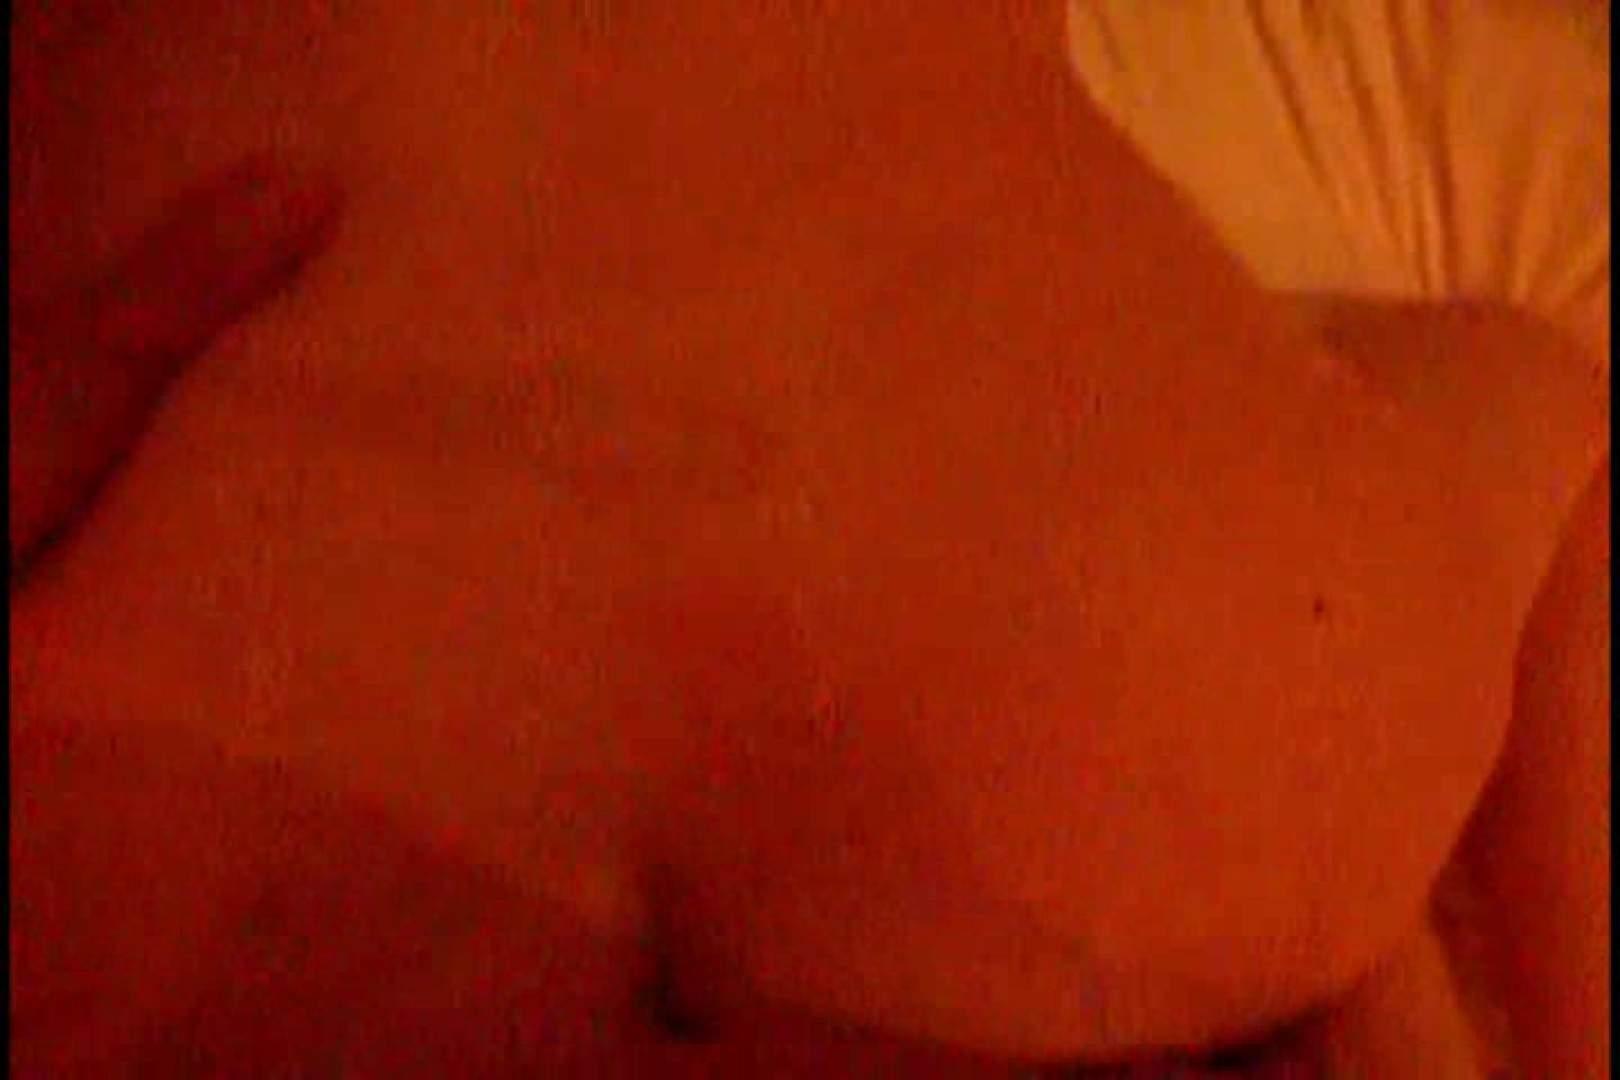 某掲示板に投稿された素人女性たちVOL.9 ホテル  94PIX 63